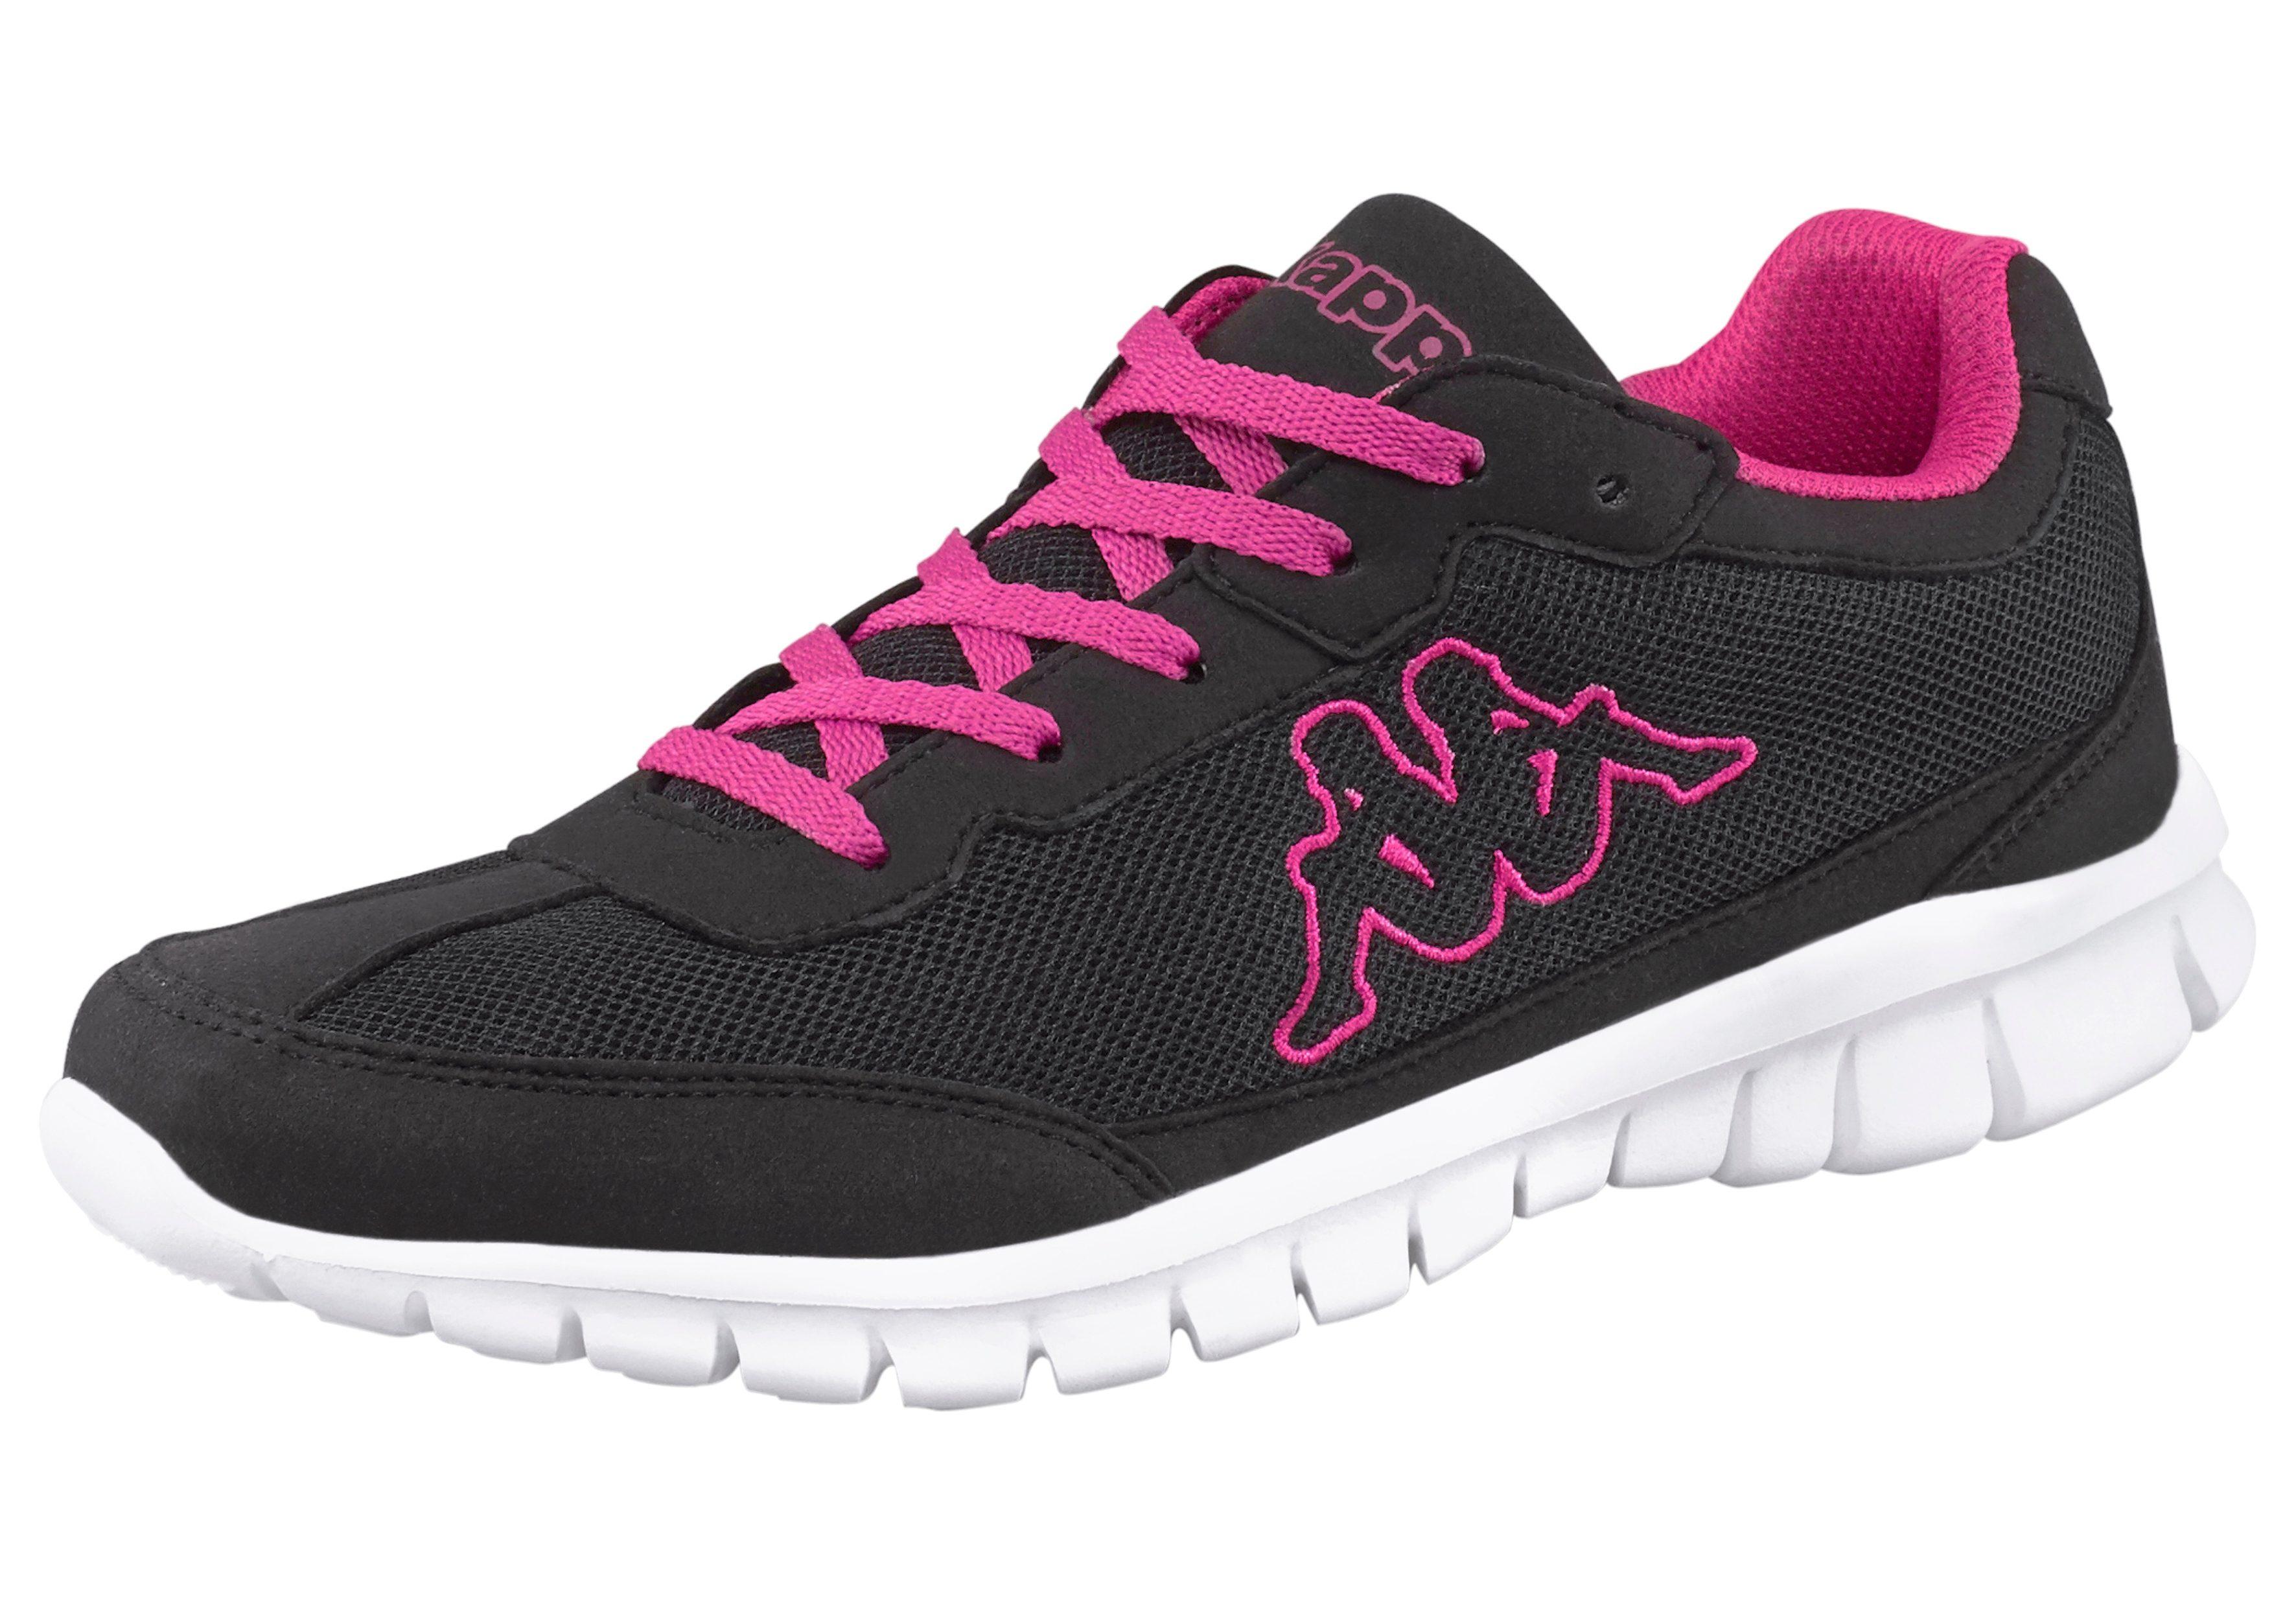 Kappa Wmns Rocket Fitnessschuh online kaufen  schwarz-pink